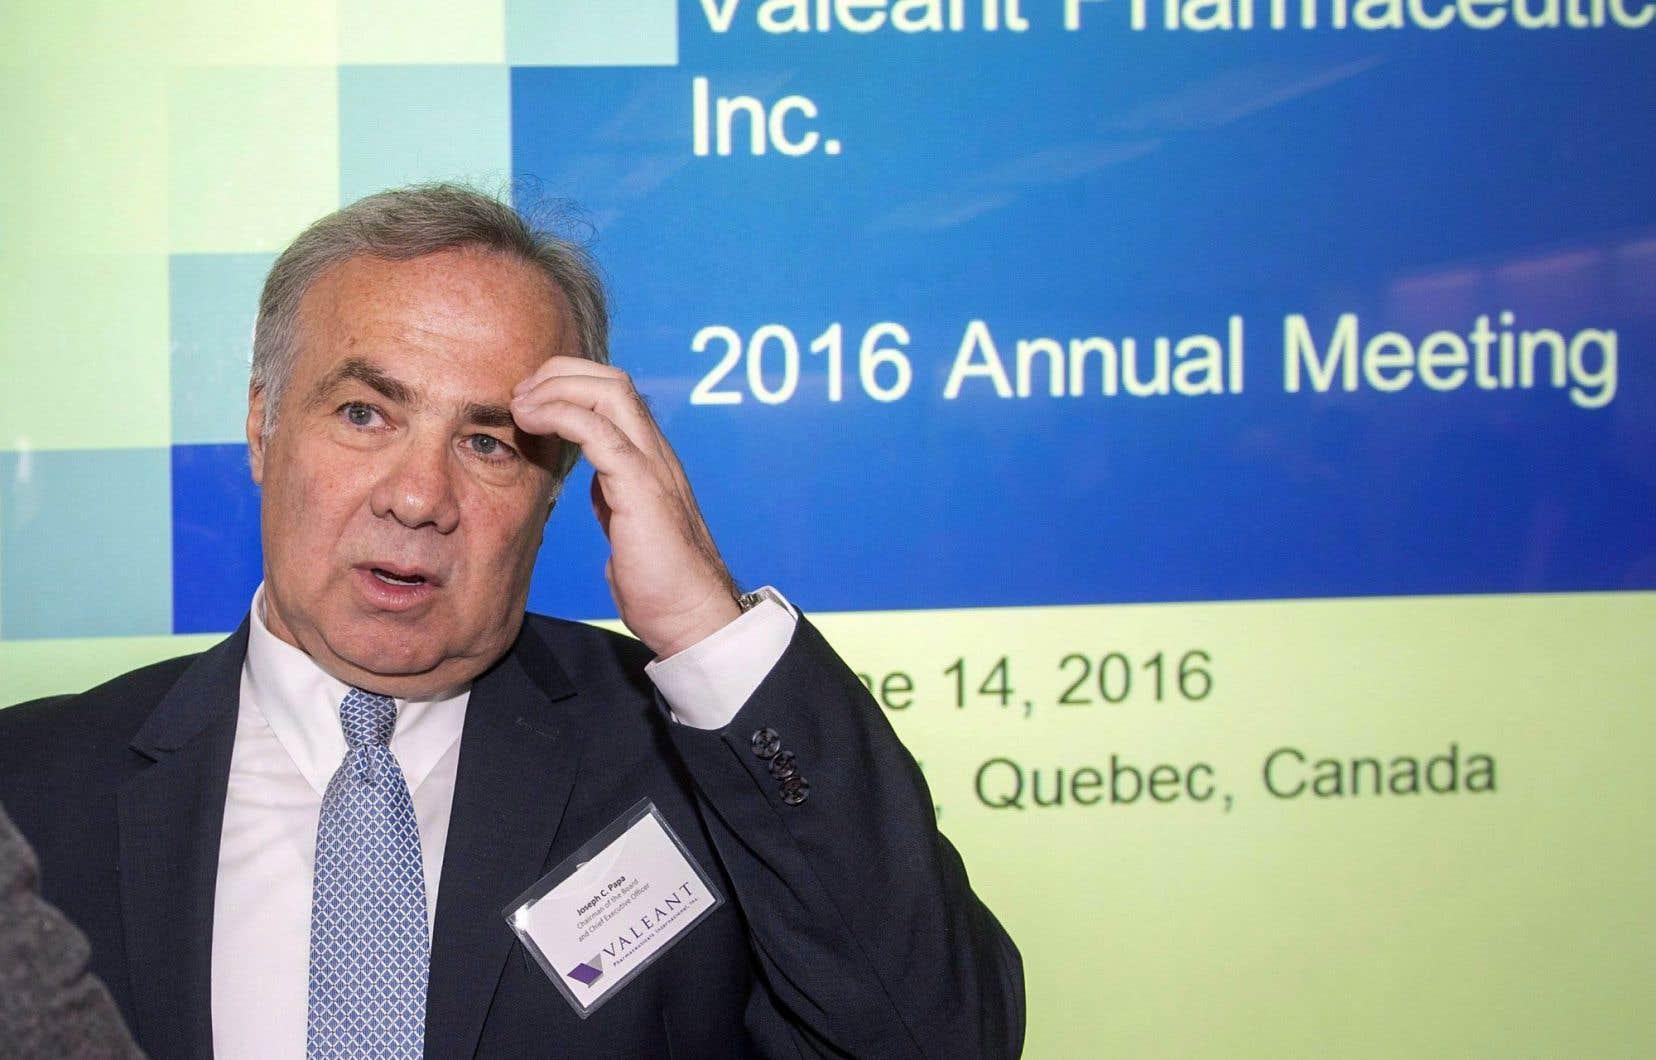 Le 7 juin 2016, Joseph Papa dévoile les résultats du premier trimestre de Valeant, qui abaisse ses prévisions pour l'exercice en cours en plus de rater la cible des analystes.